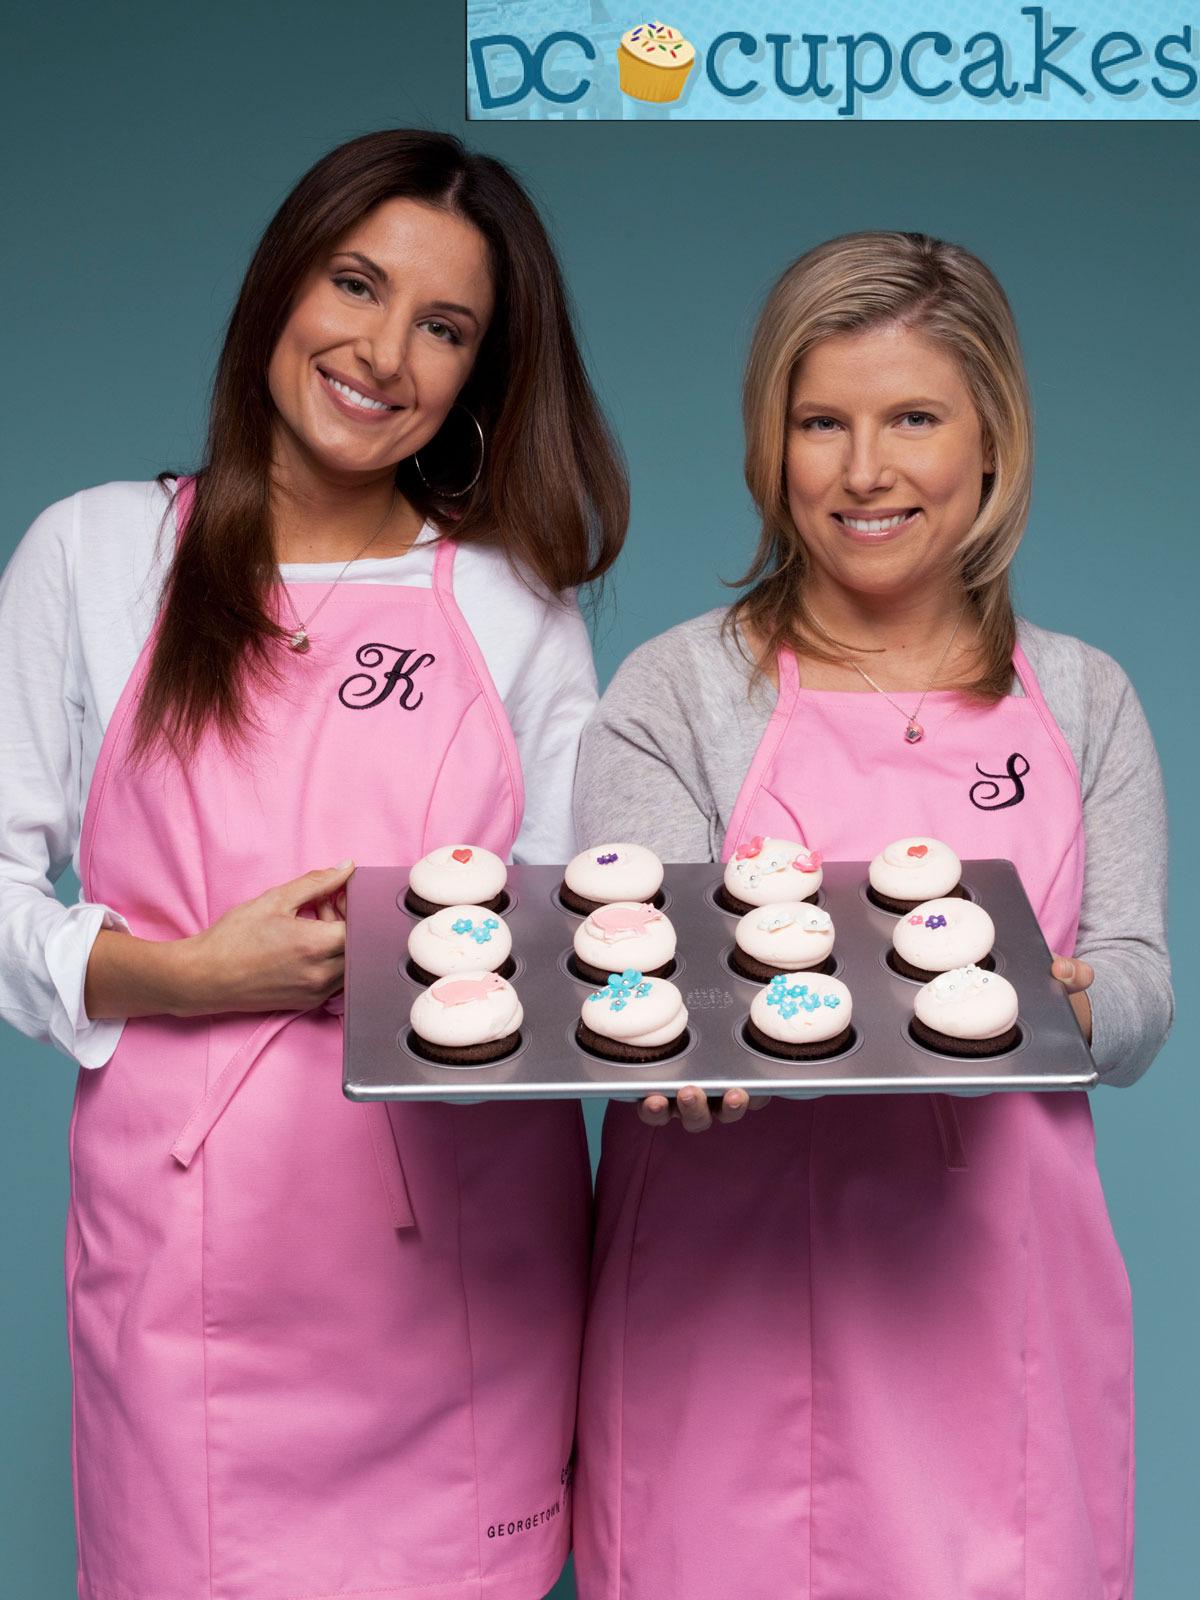 DC Cupcakes TV Show